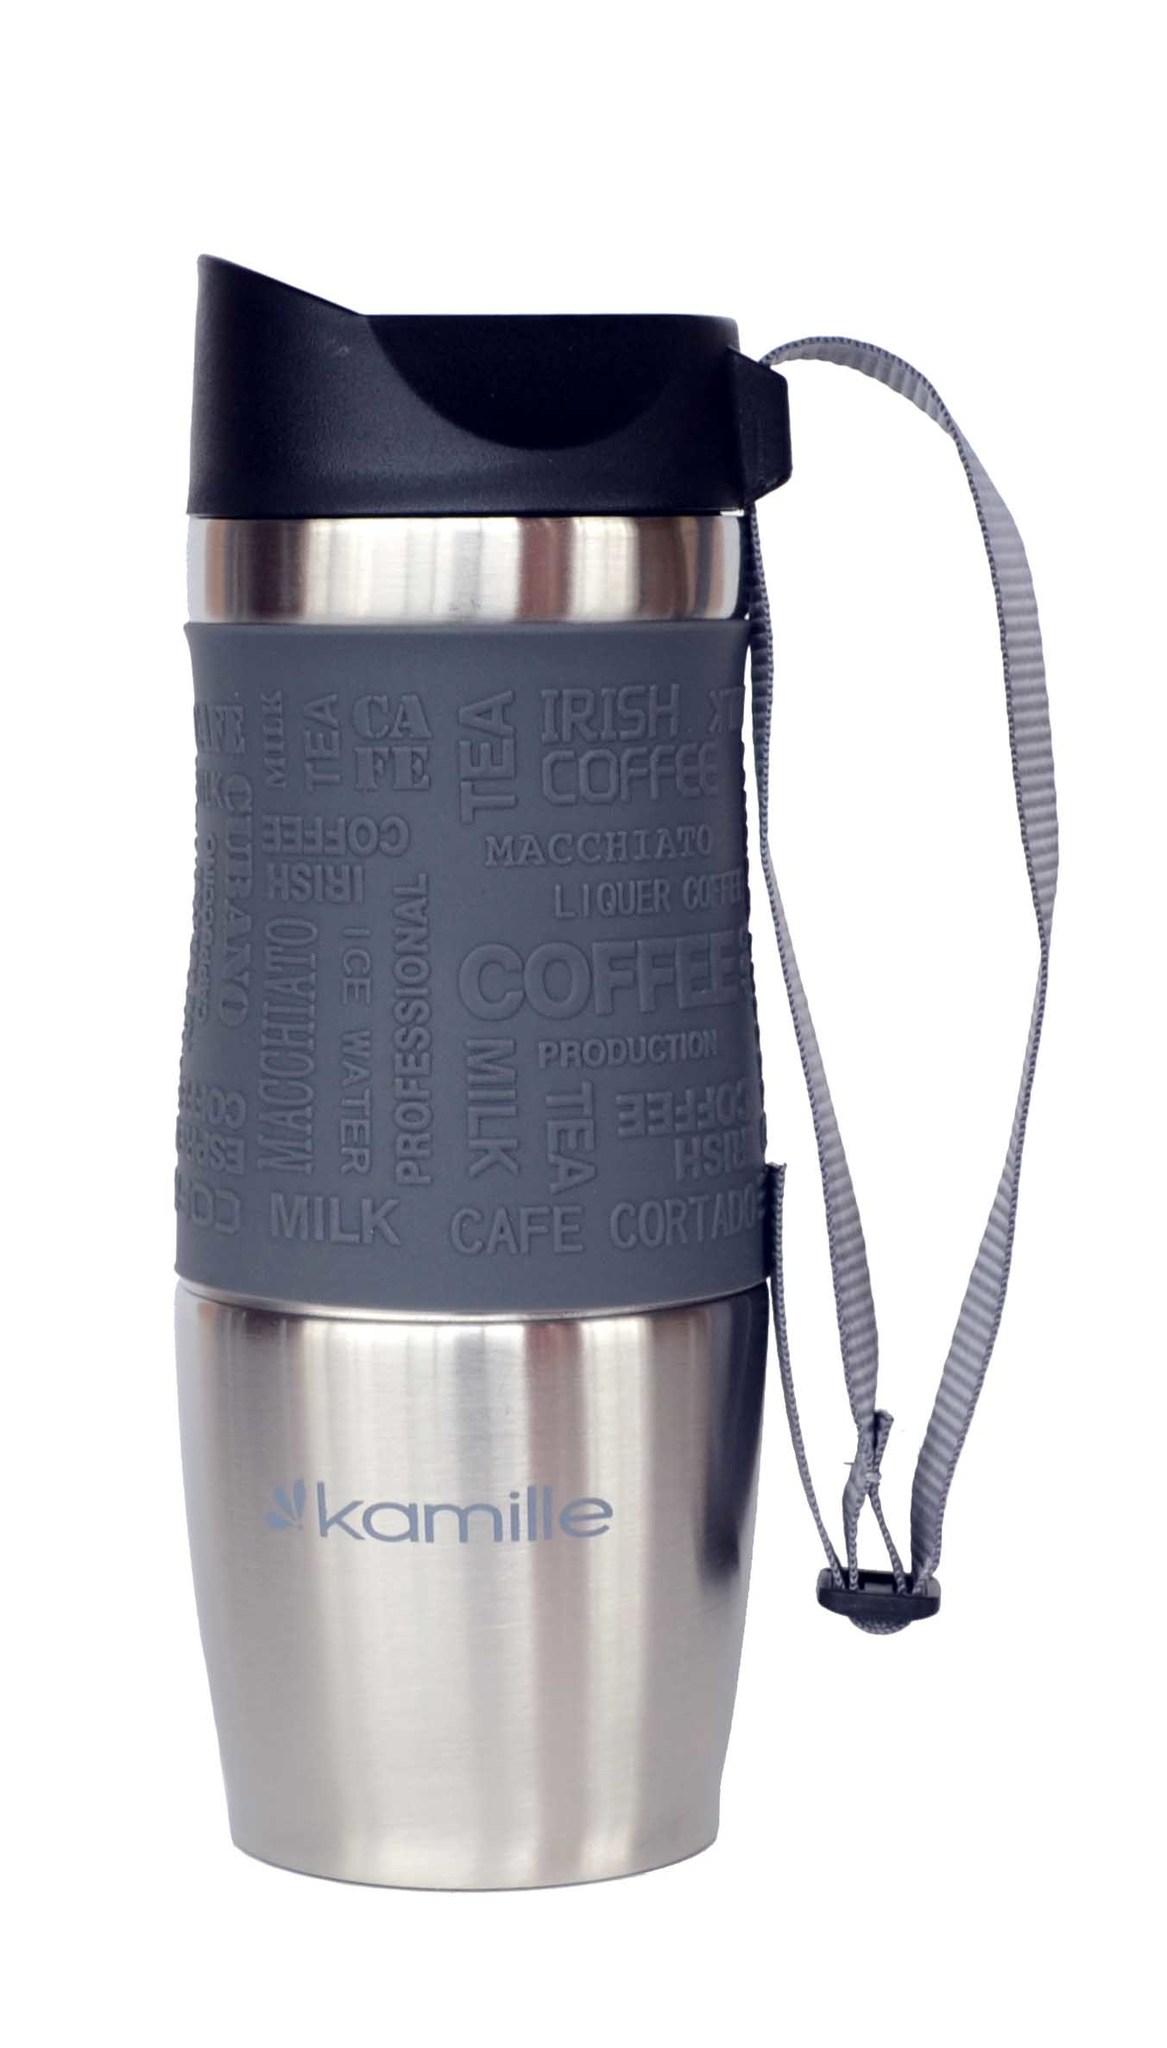 Термокружка Kamille c TPR и ремешком 380 мл. (хром) серая